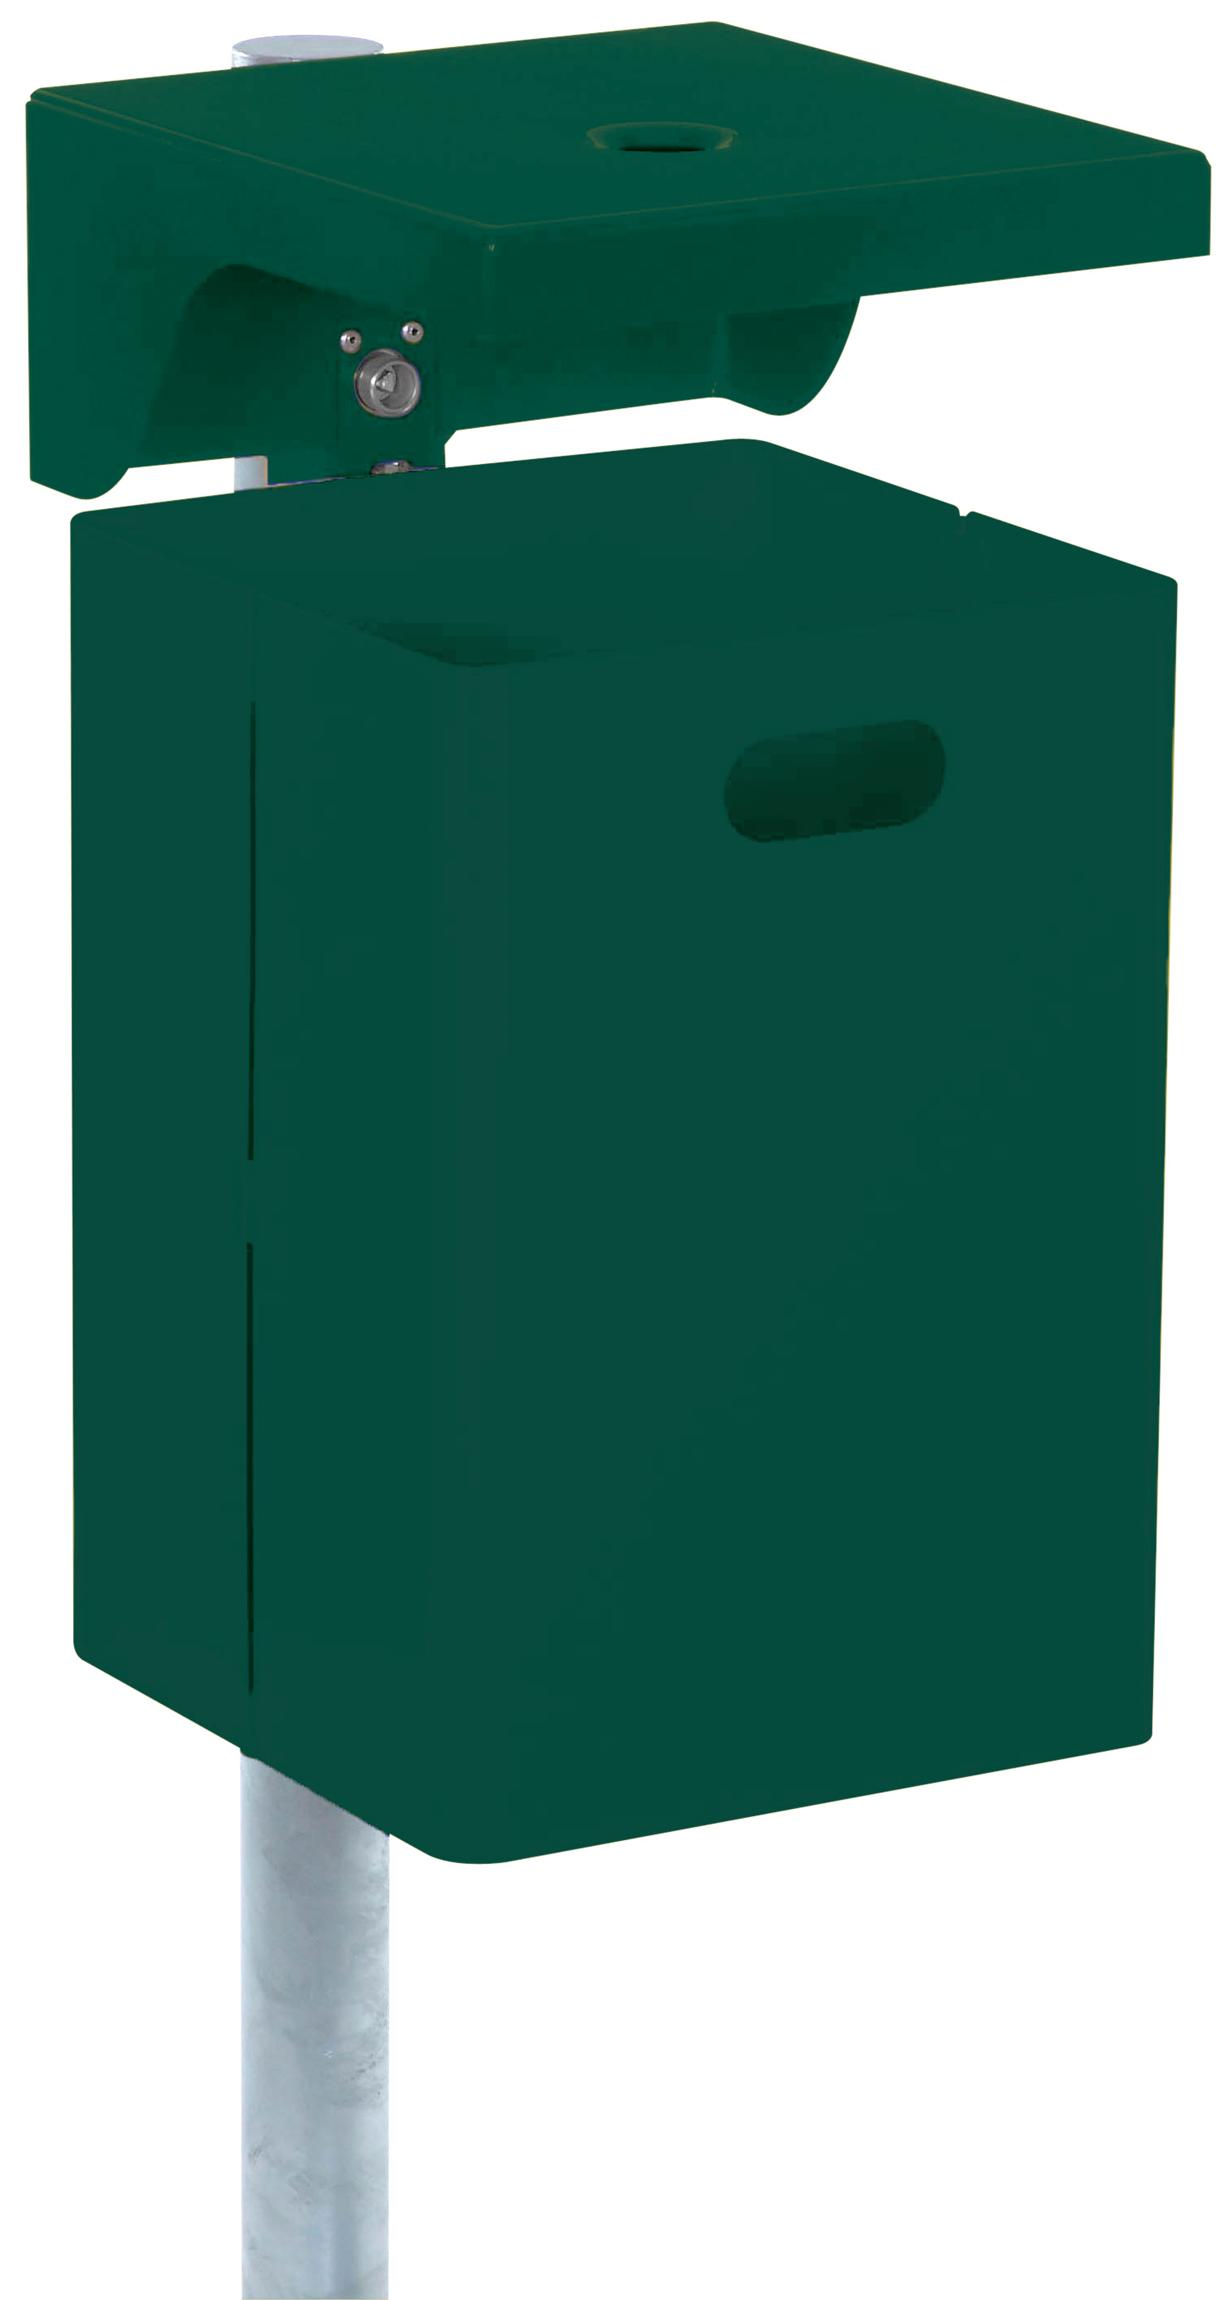 Schake Abfallbehälter rechteckig mit Dach und Ascher - 40 Liter